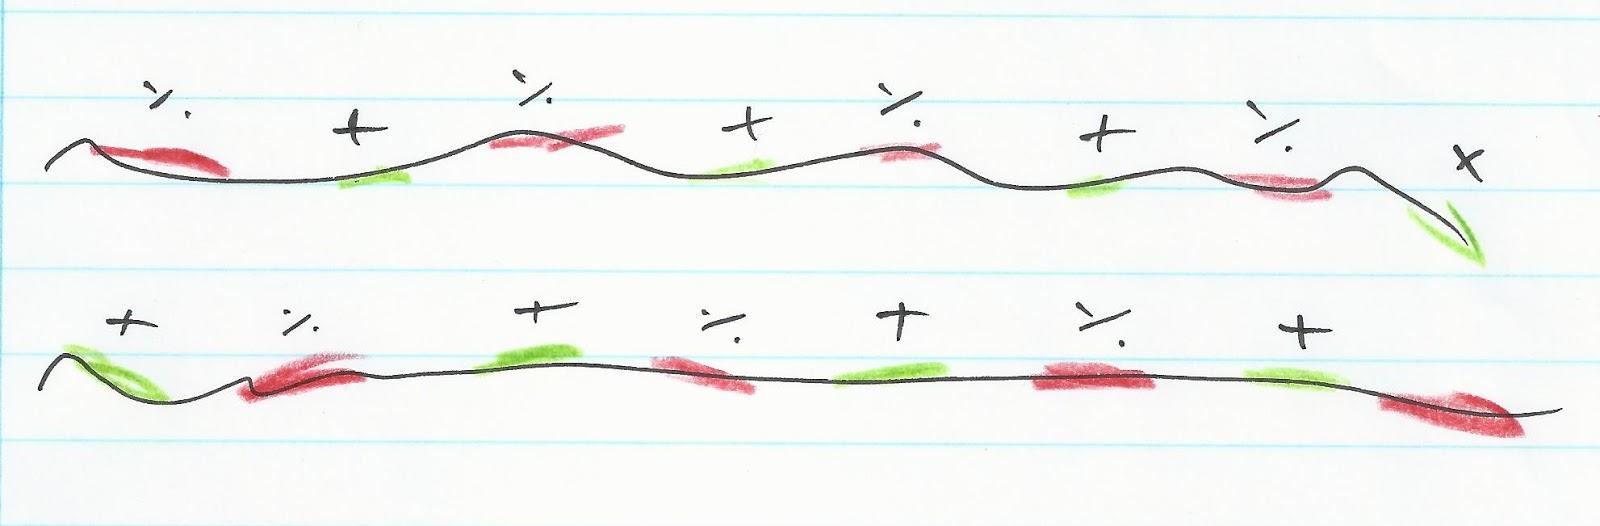 Snake drawingjpg